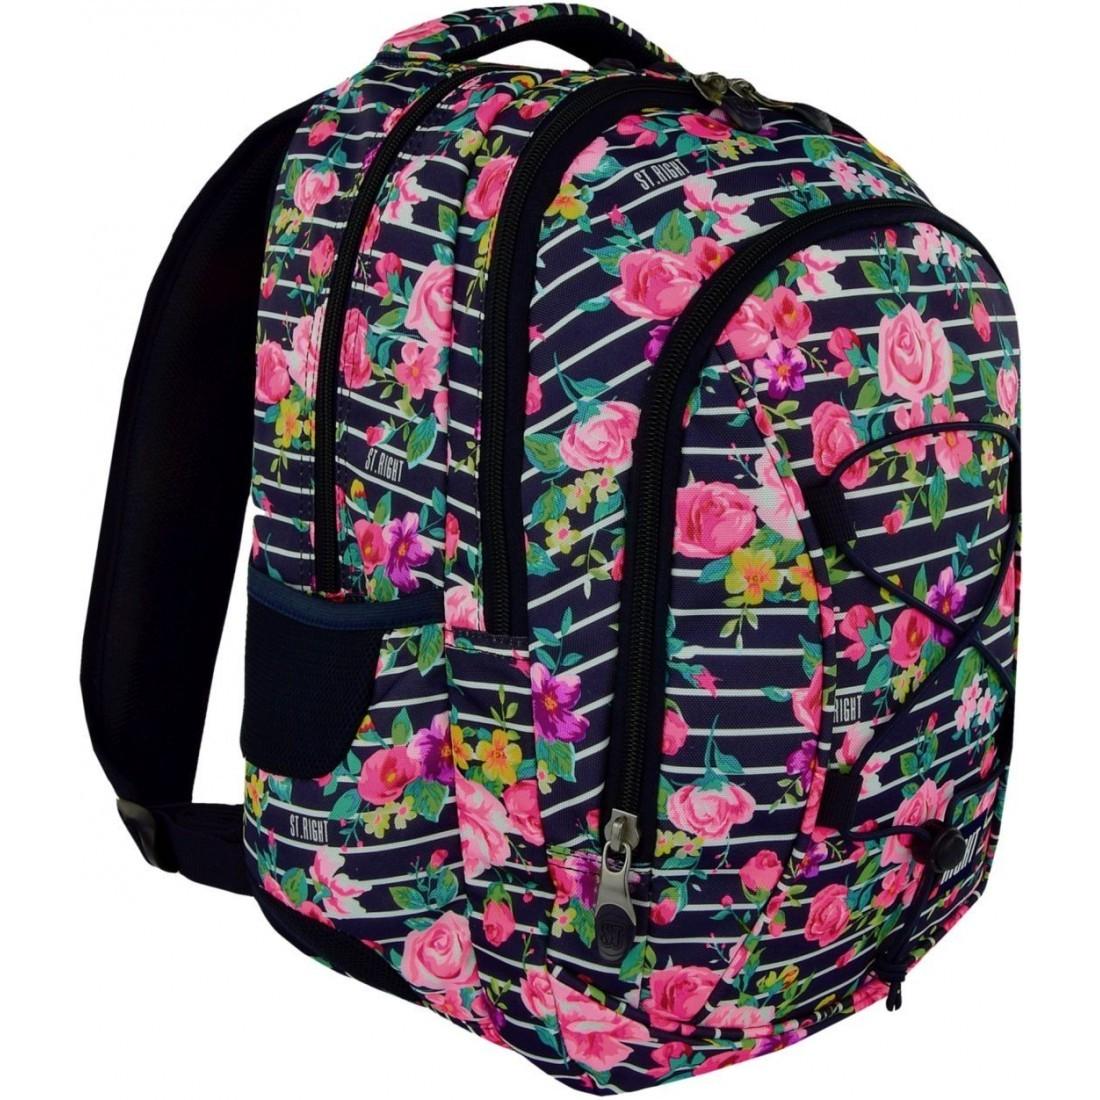 27eeec11b3c0a Plecak szkolny ST.RIGHT LIGHT ROSES różowe róże paski dla dziewczyny